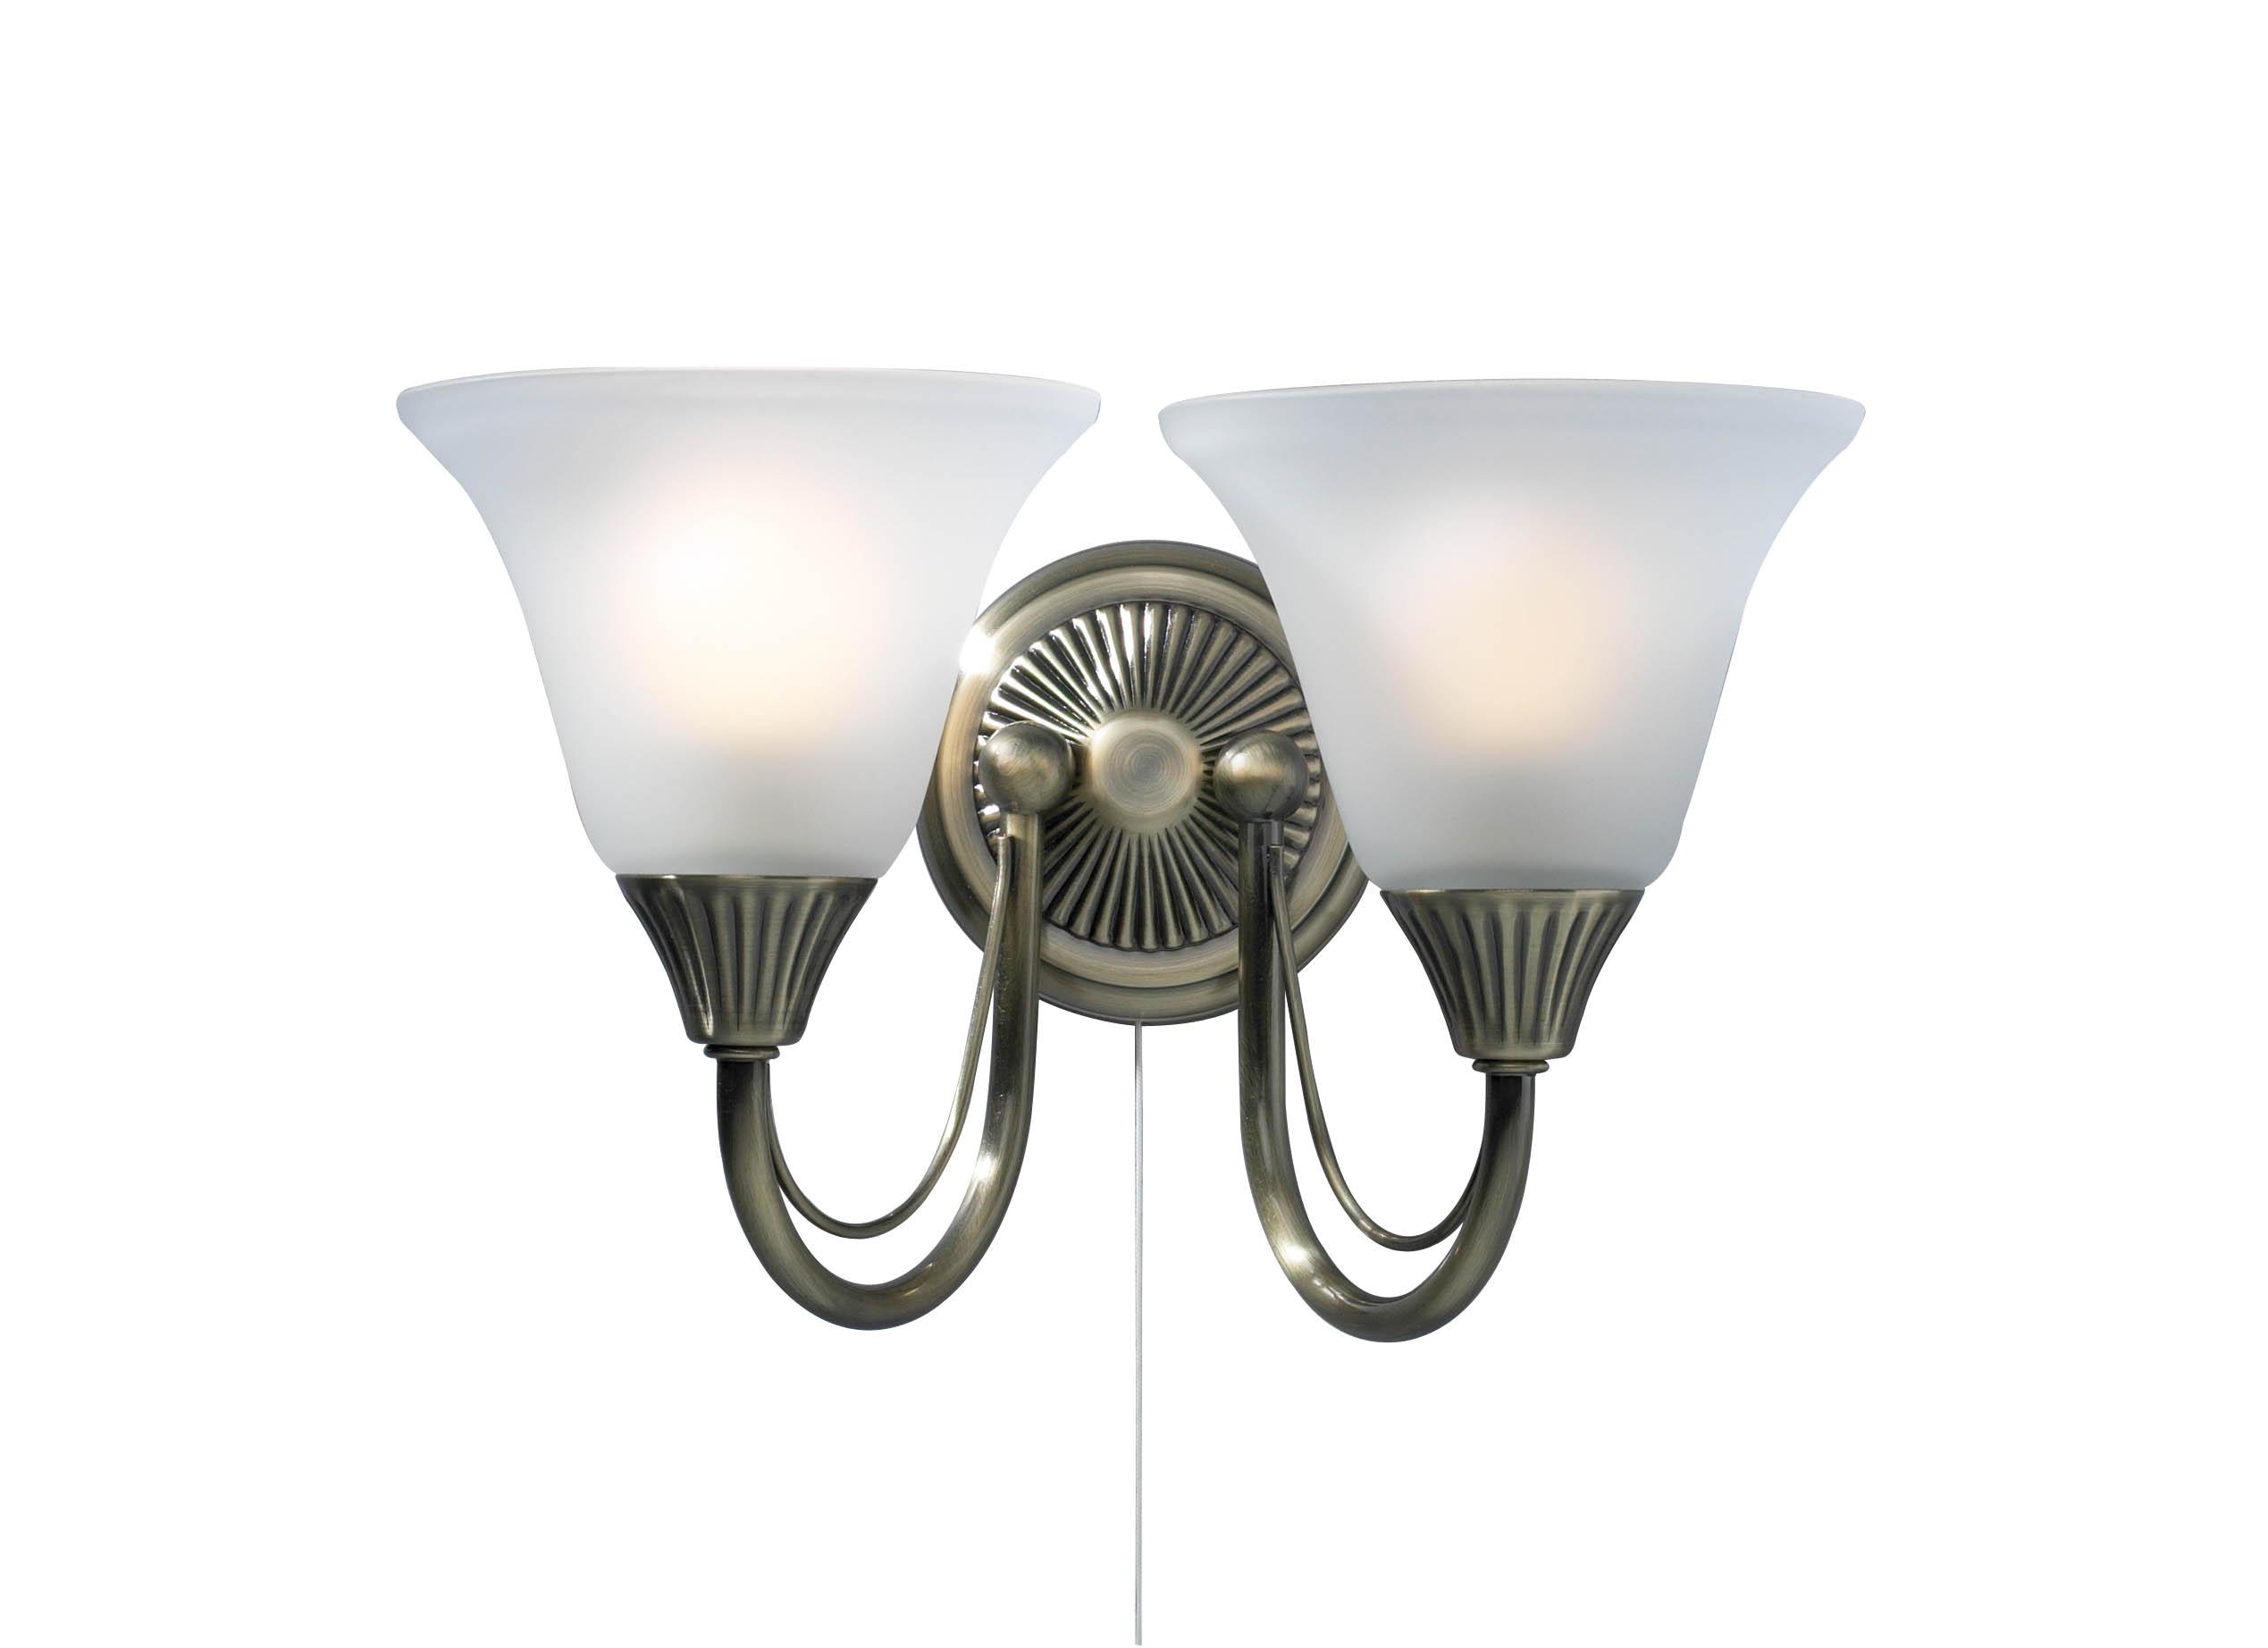 modern lights zoltar light robert wall antique brass lighting products sconce abbey